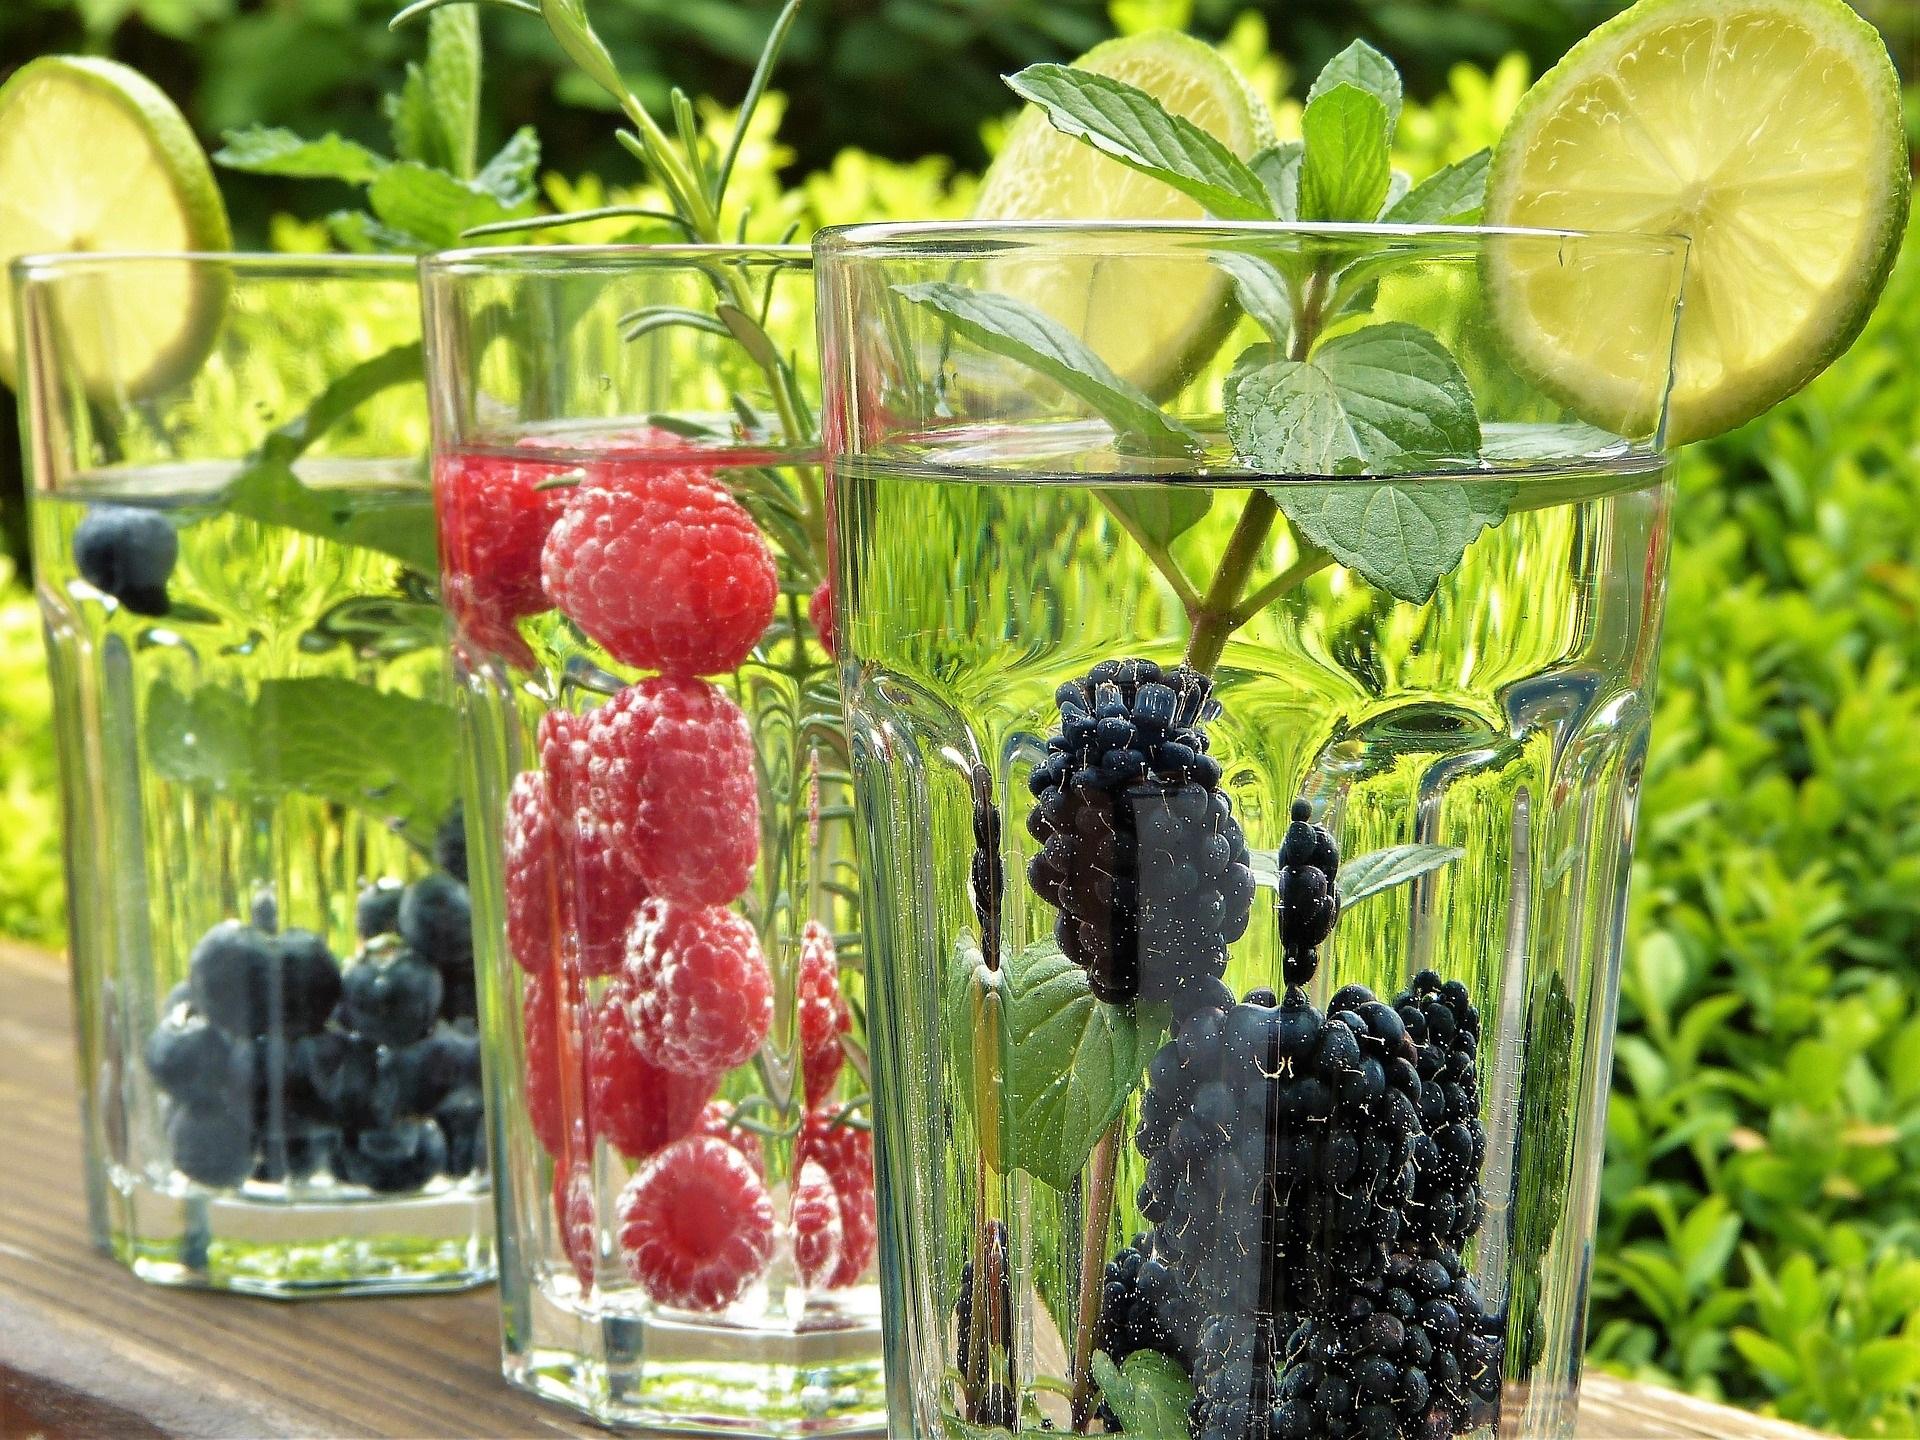 Saftbar mit frischem Obst